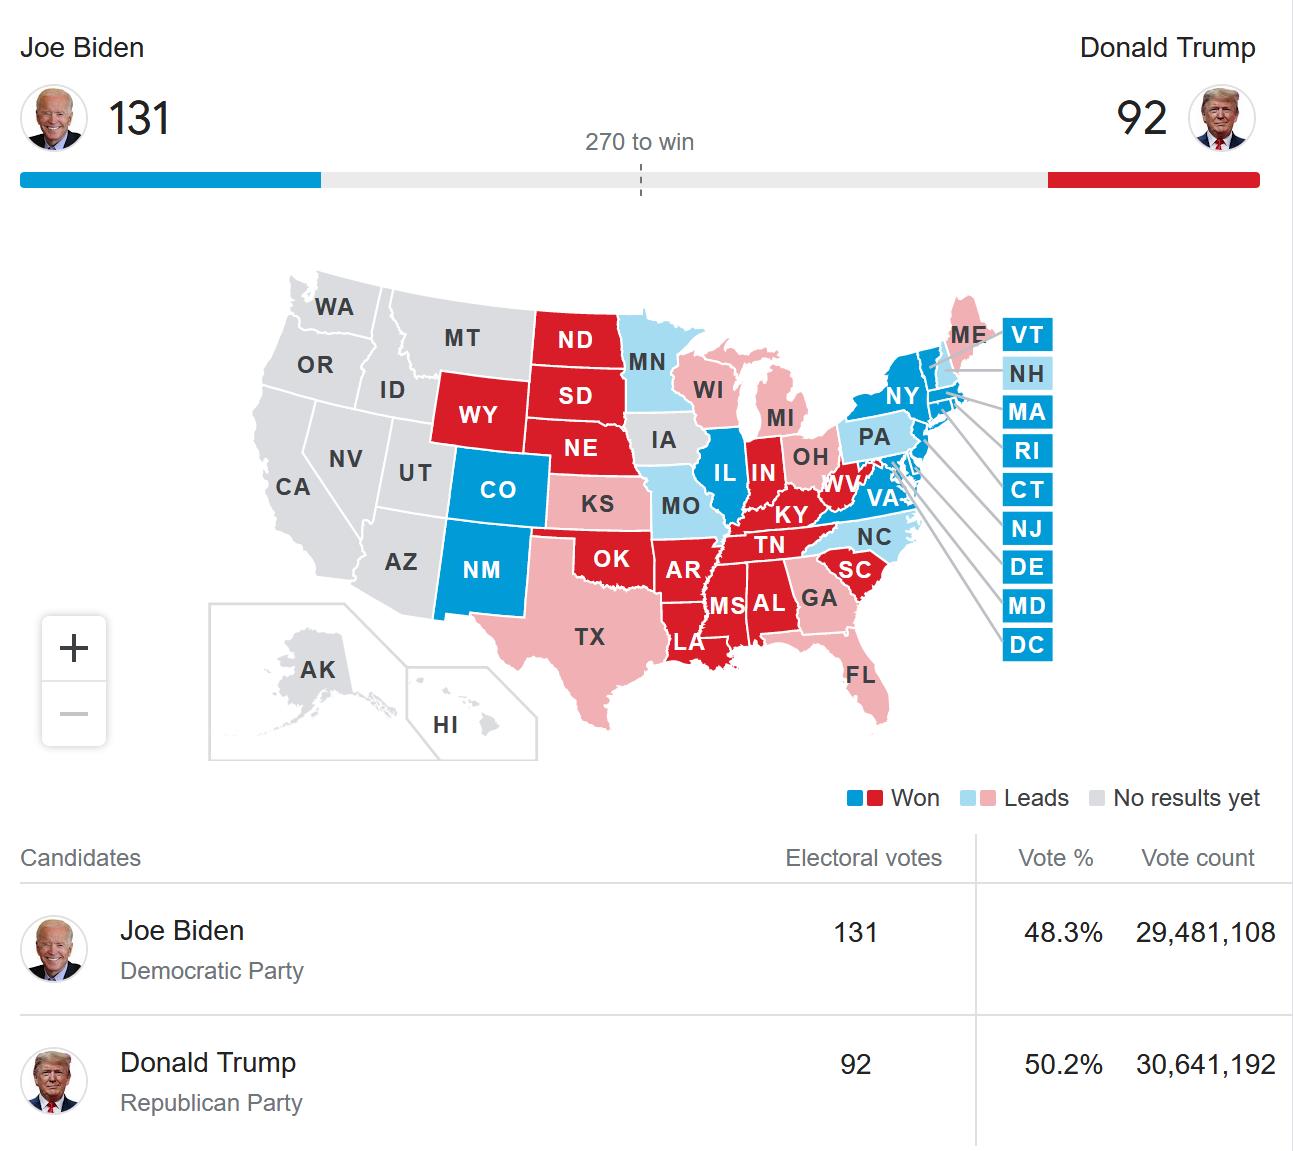 پایان یافتن انتخابات در برخی ایالتها